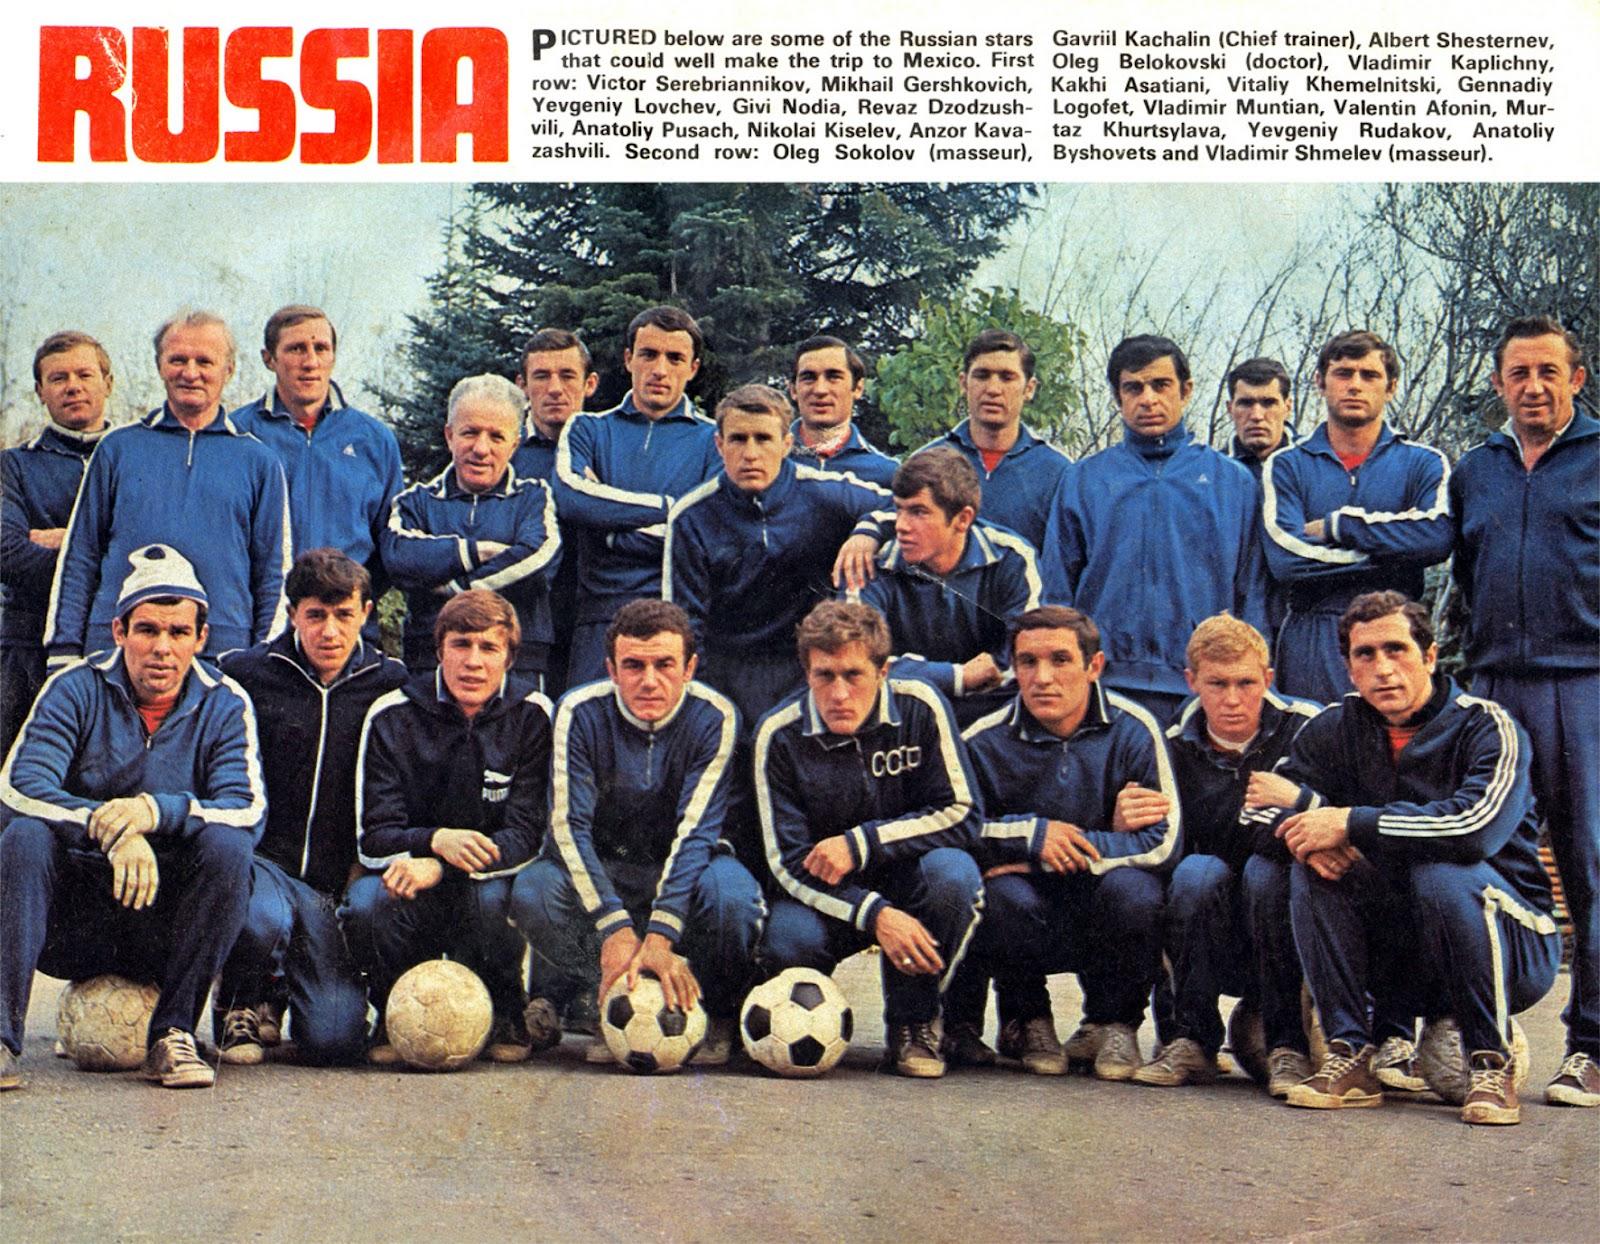 http://2.bp.blogspot.com/-NksKdQ8Fmx0/T1pJXhp32ZI/AAAAAAAALSs/OnLutd2RJg0/s1600/URSS+1970.jpg